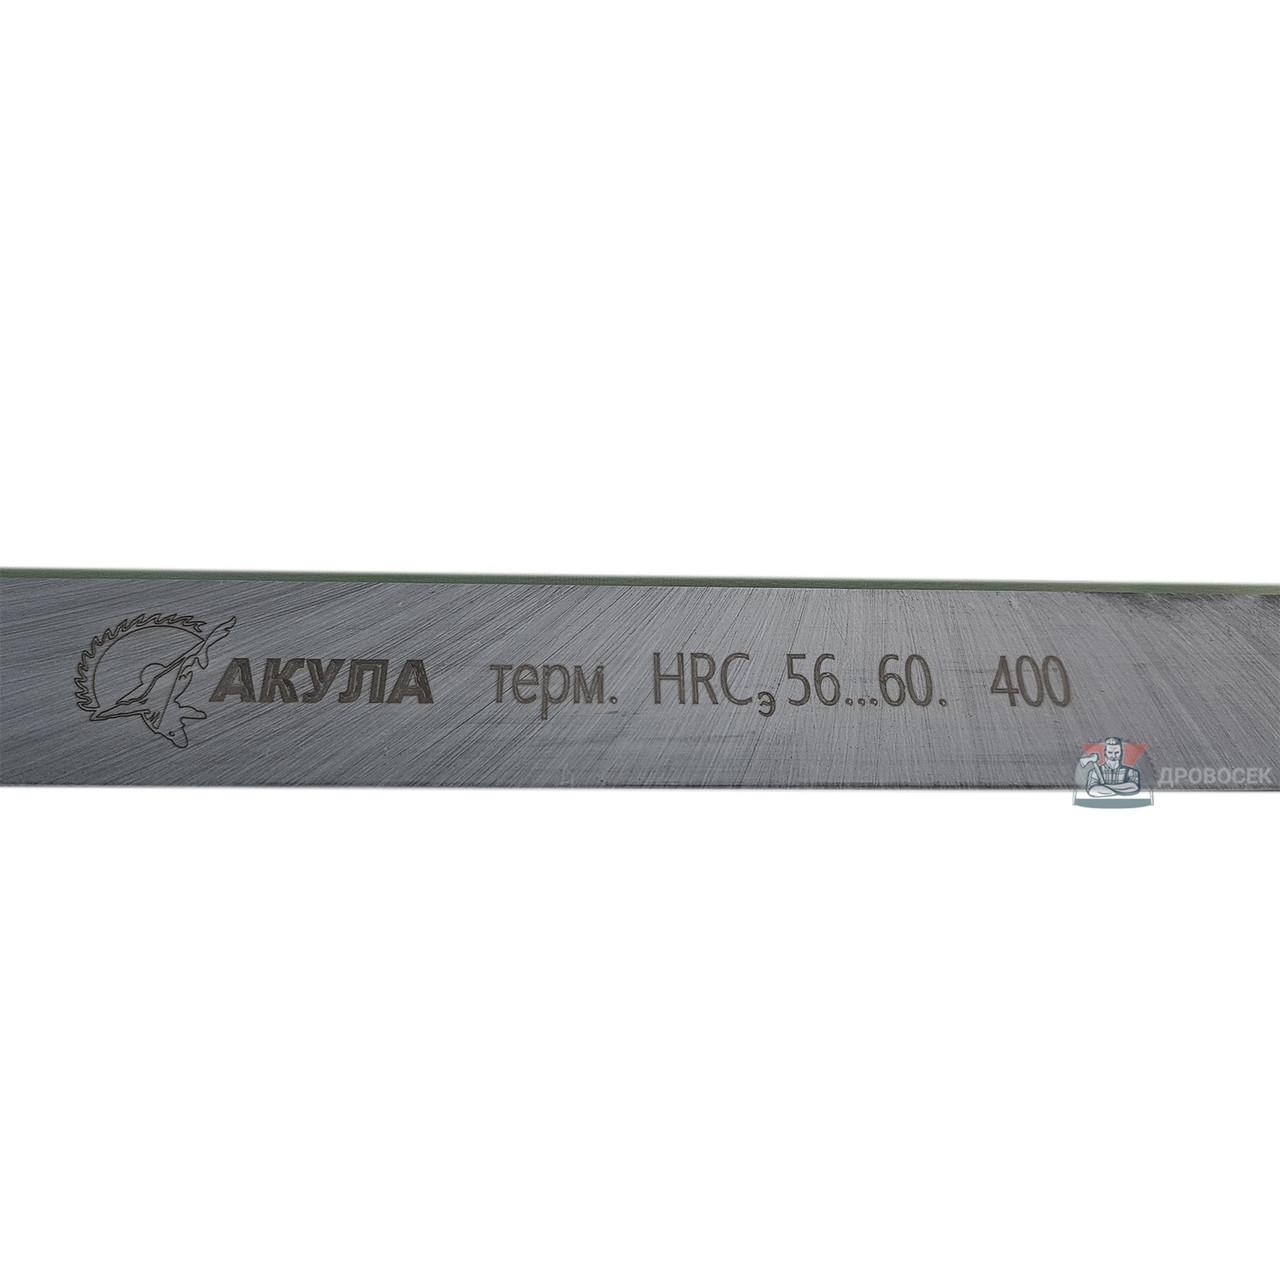 Фирменный профессиональный строгальный нож Акула (заточен с 1 стороны) 300 мм на 25 мм